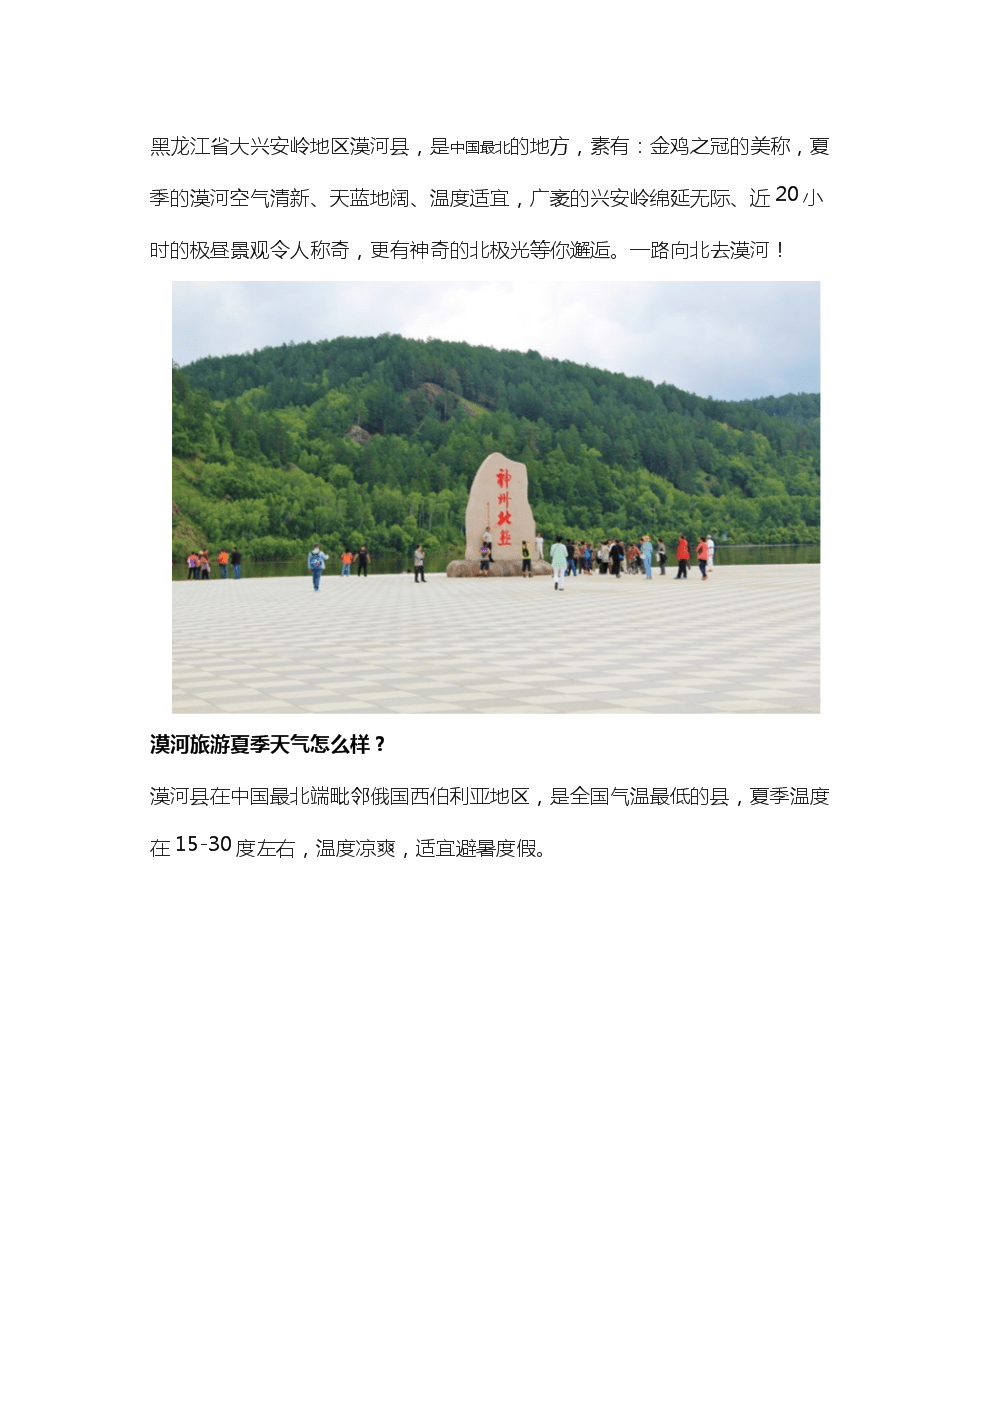 2019年漠河旅游,最新最全纯玩自由行攻略!(收藏备用).doc